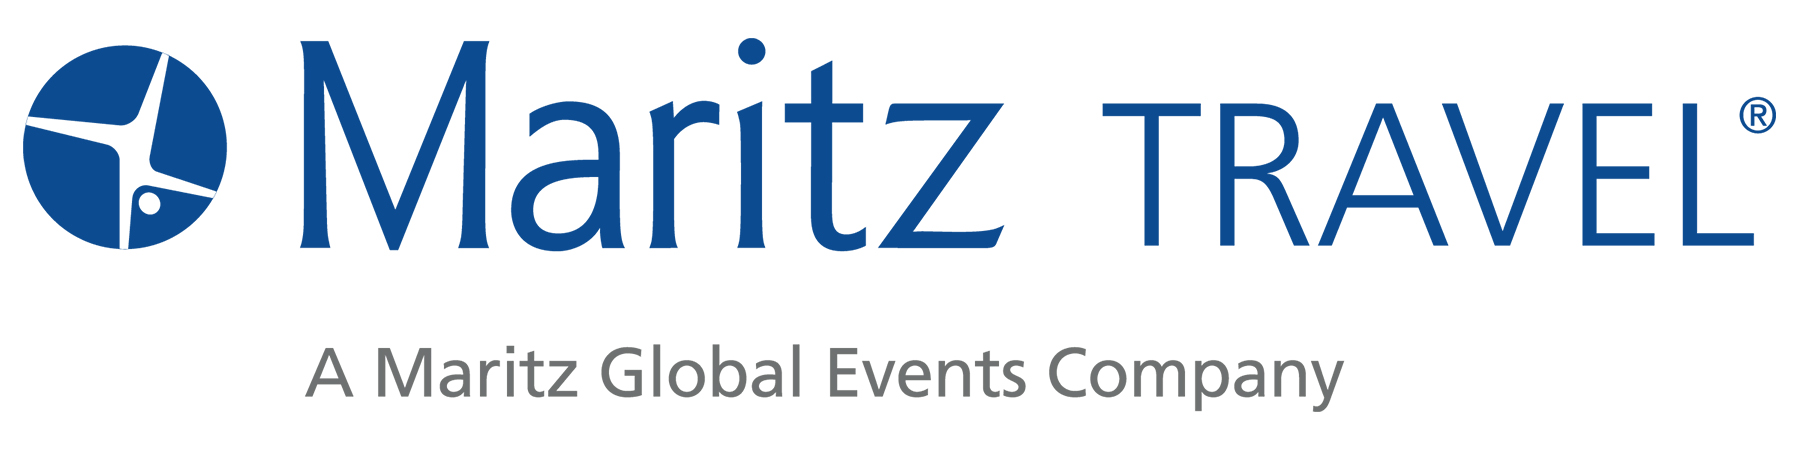 Maritz-Travel-4c-tagline